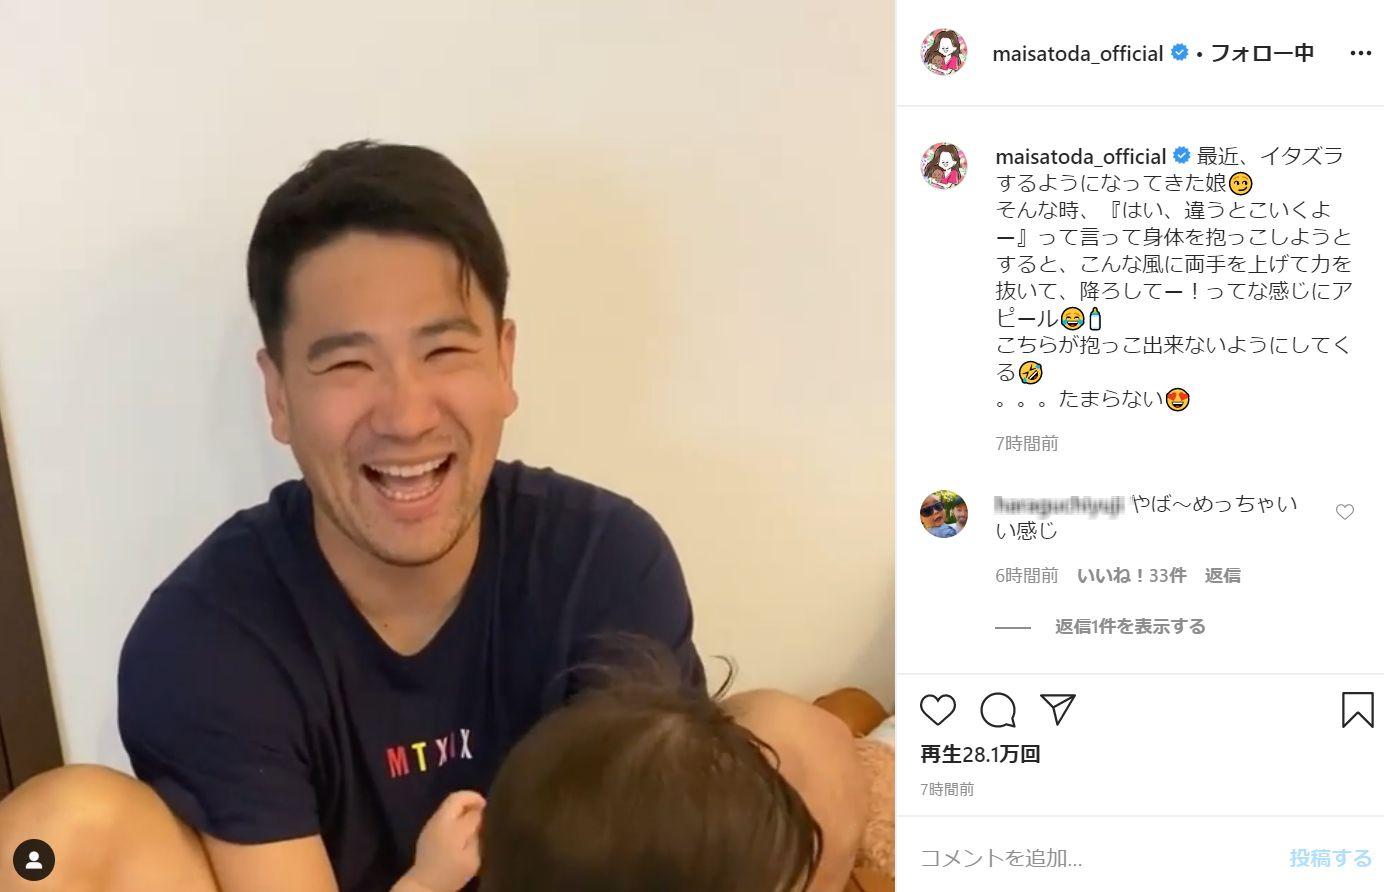 里田まい 夫・田中将大が娘をあやすデレデレ動画を公開!「マウンドとは違う、優しいパパの顔」